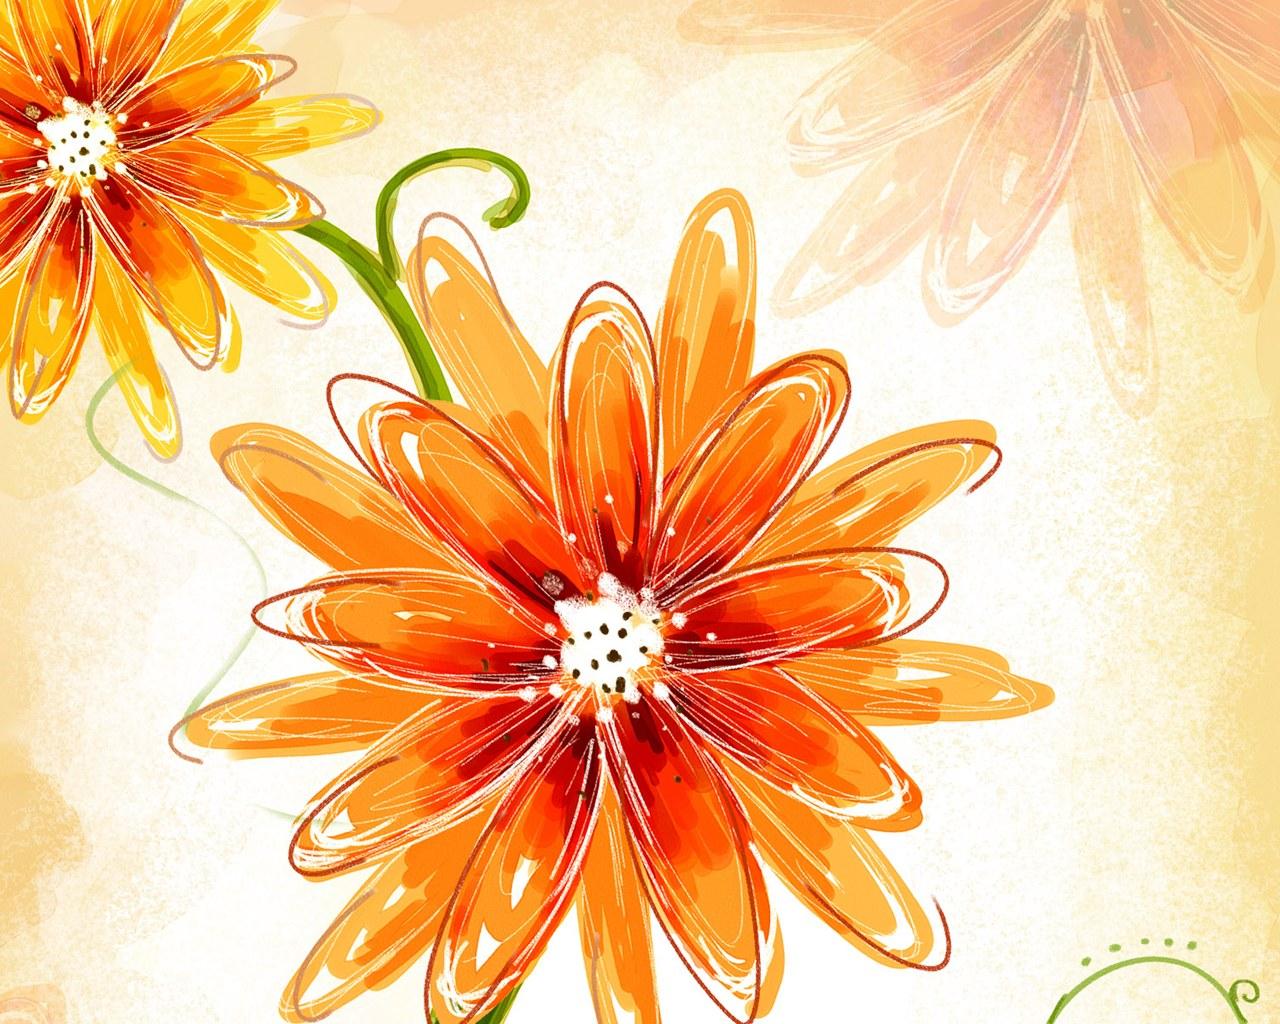 IMAZES: FLOWER DESIGN